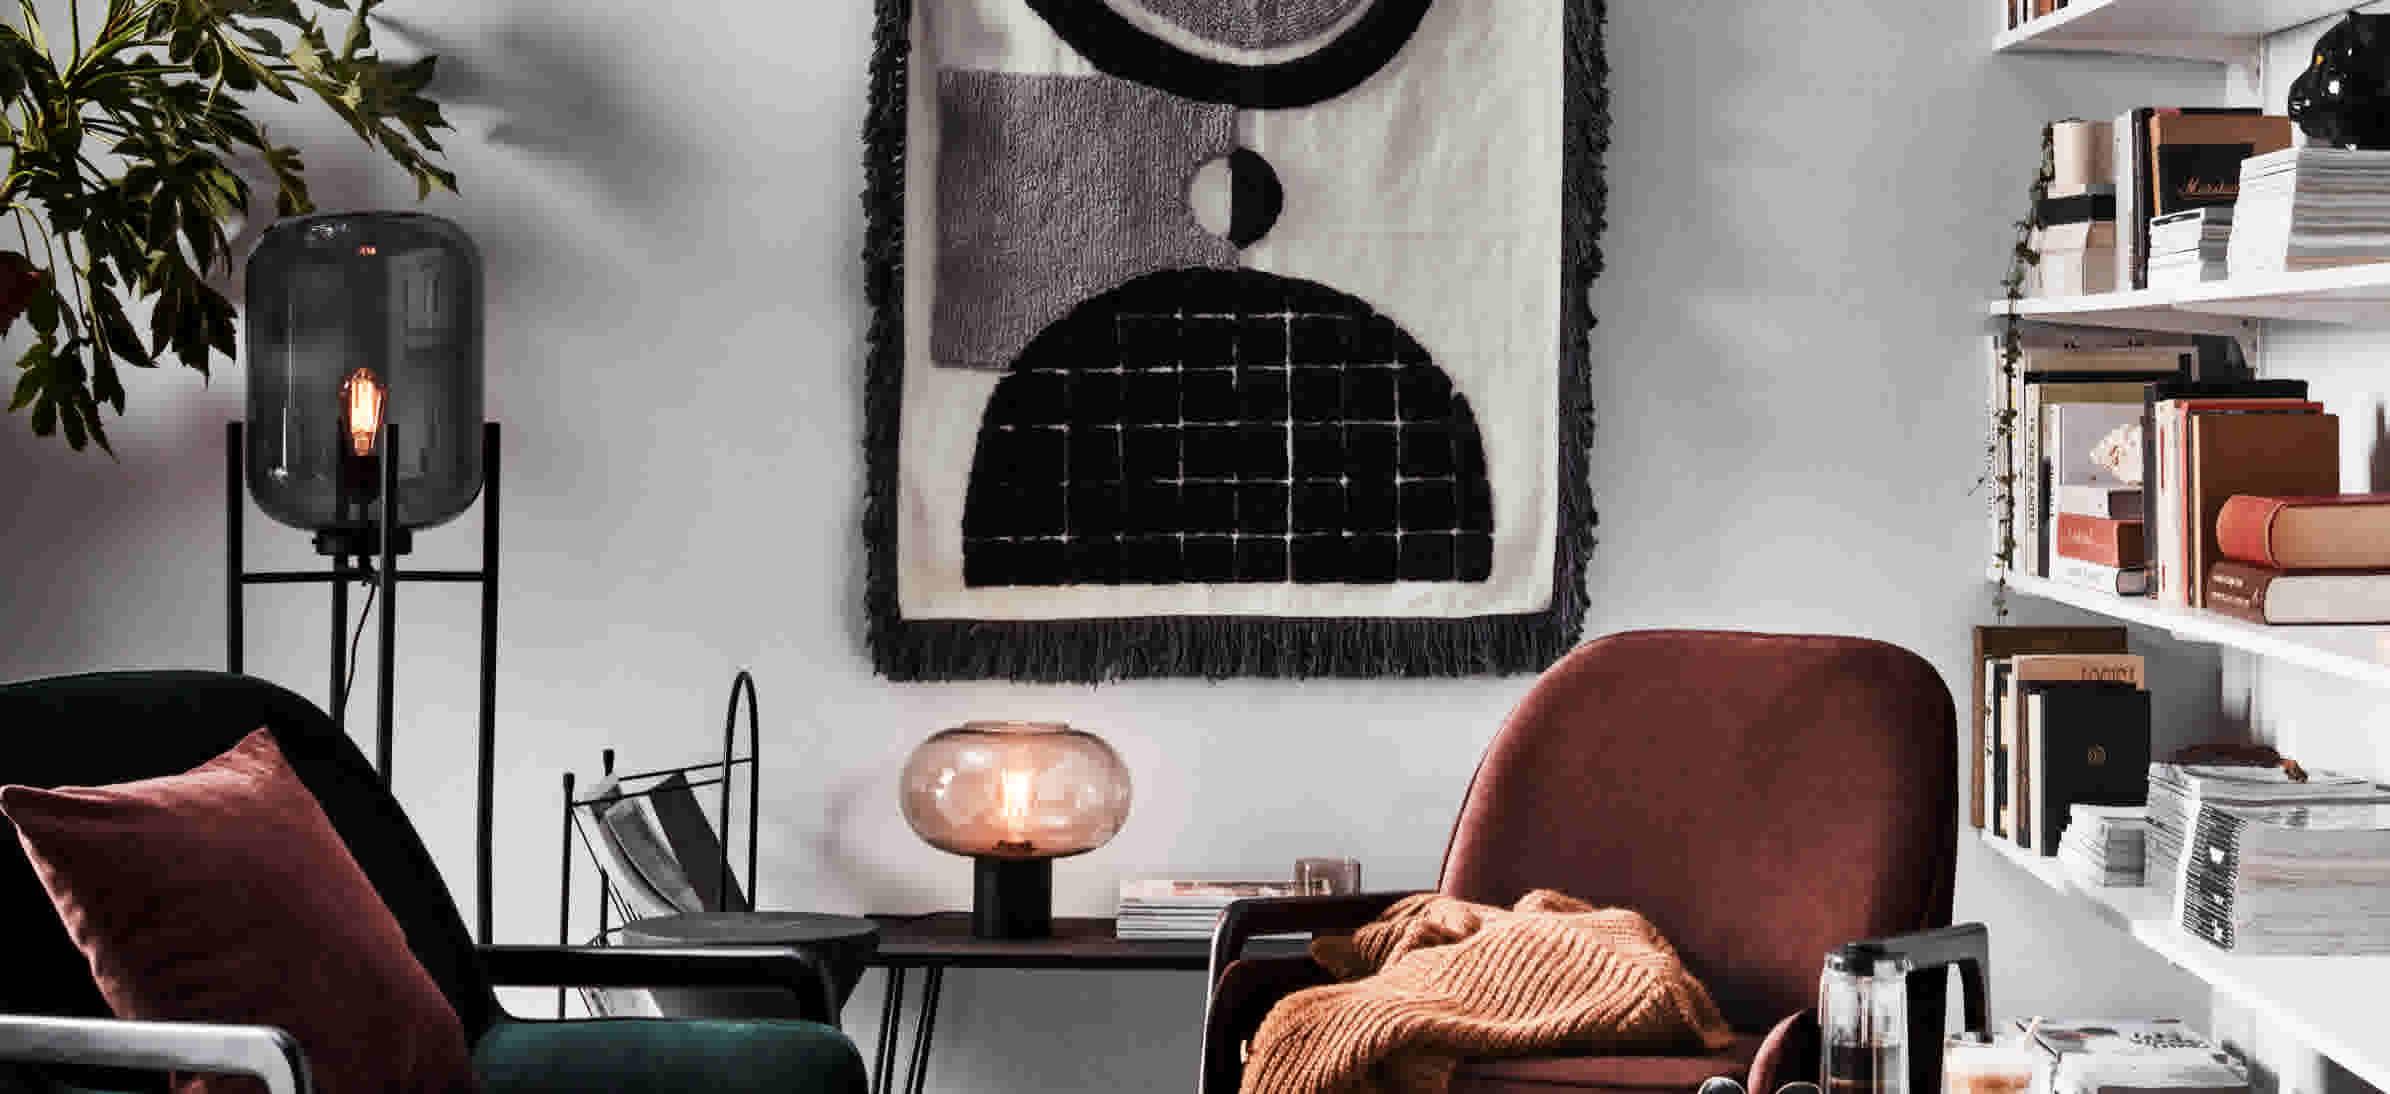 Karwei Voel Je Thuis In Een Warm Interieur